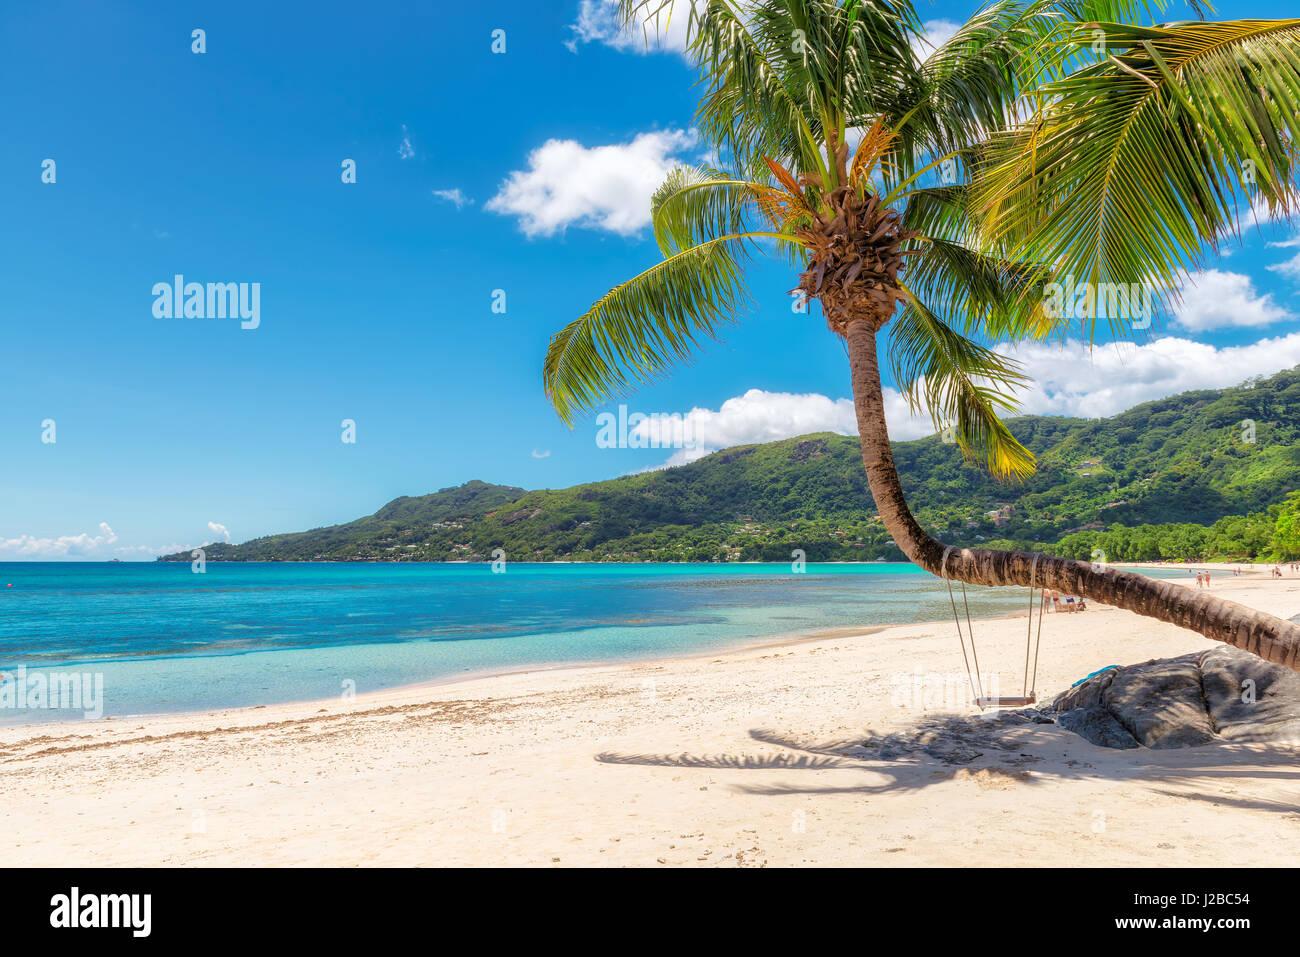 Vistas a la impresionante playa de Beau Vallon con palmera de coco en Mahe Island, Seychelles. Foto de stock